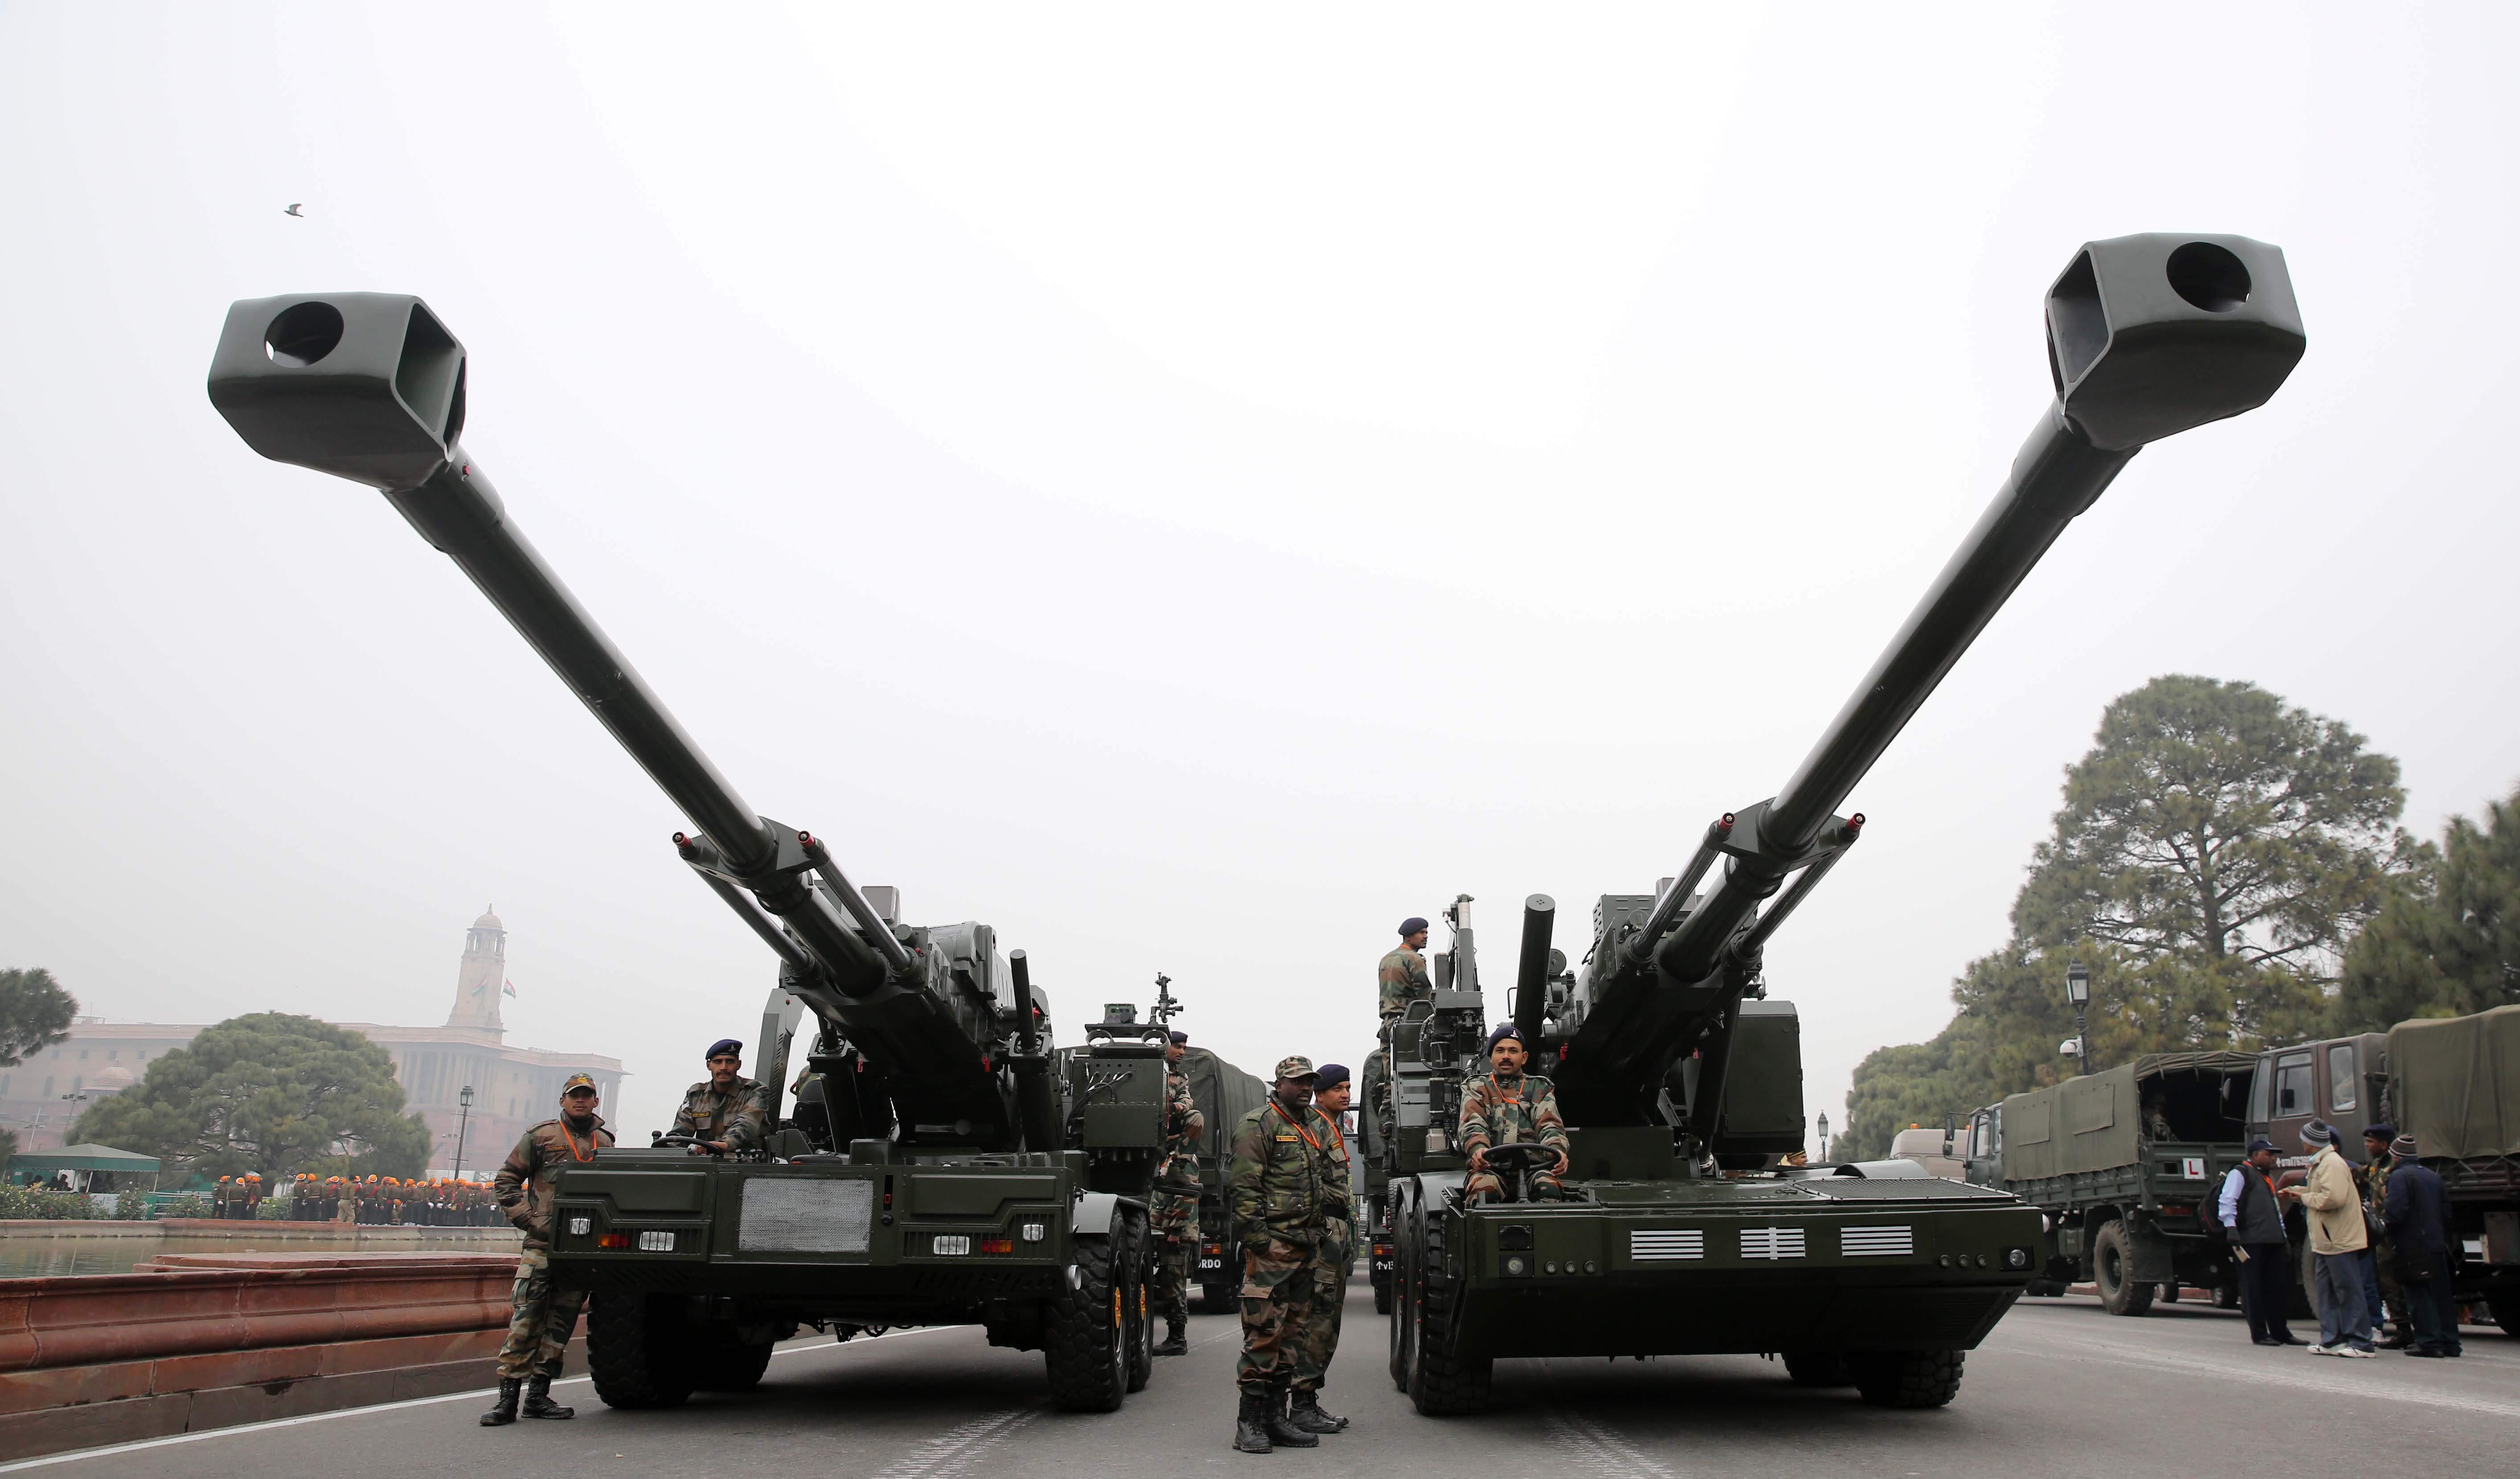 Modern M777 howitzer artillery guns